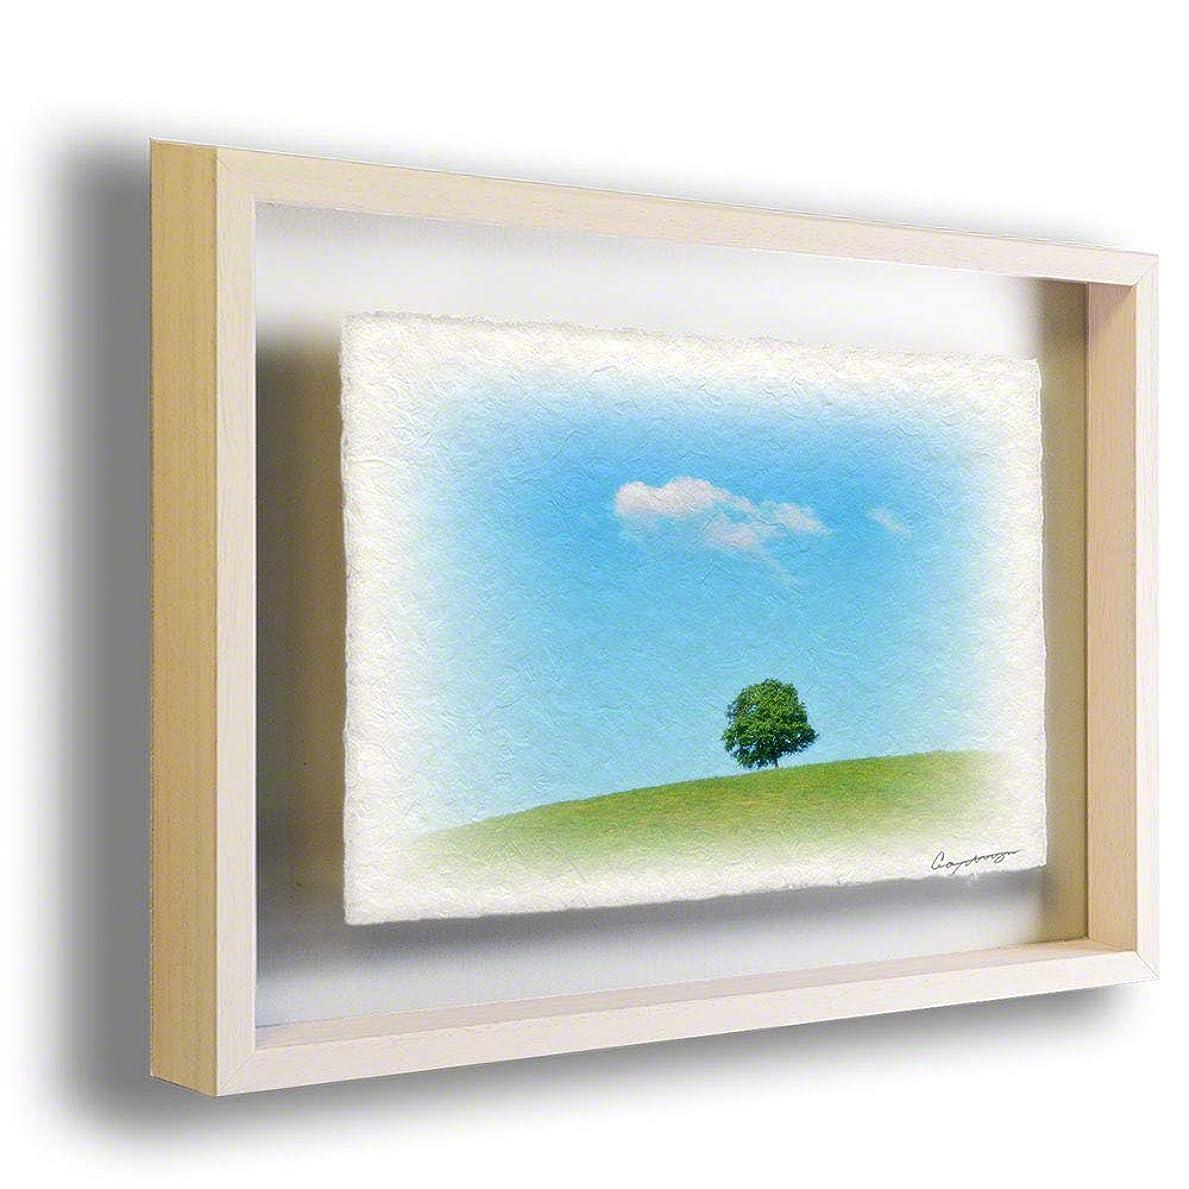 キウイリクルート気晴らし手すき 和紙 アート フレーム 額入り 青 空「丘の上の木とはぐれ雲」 71x56cm 絵 絵画 ポスター ウォールアート ウォールデコ 額縁付き